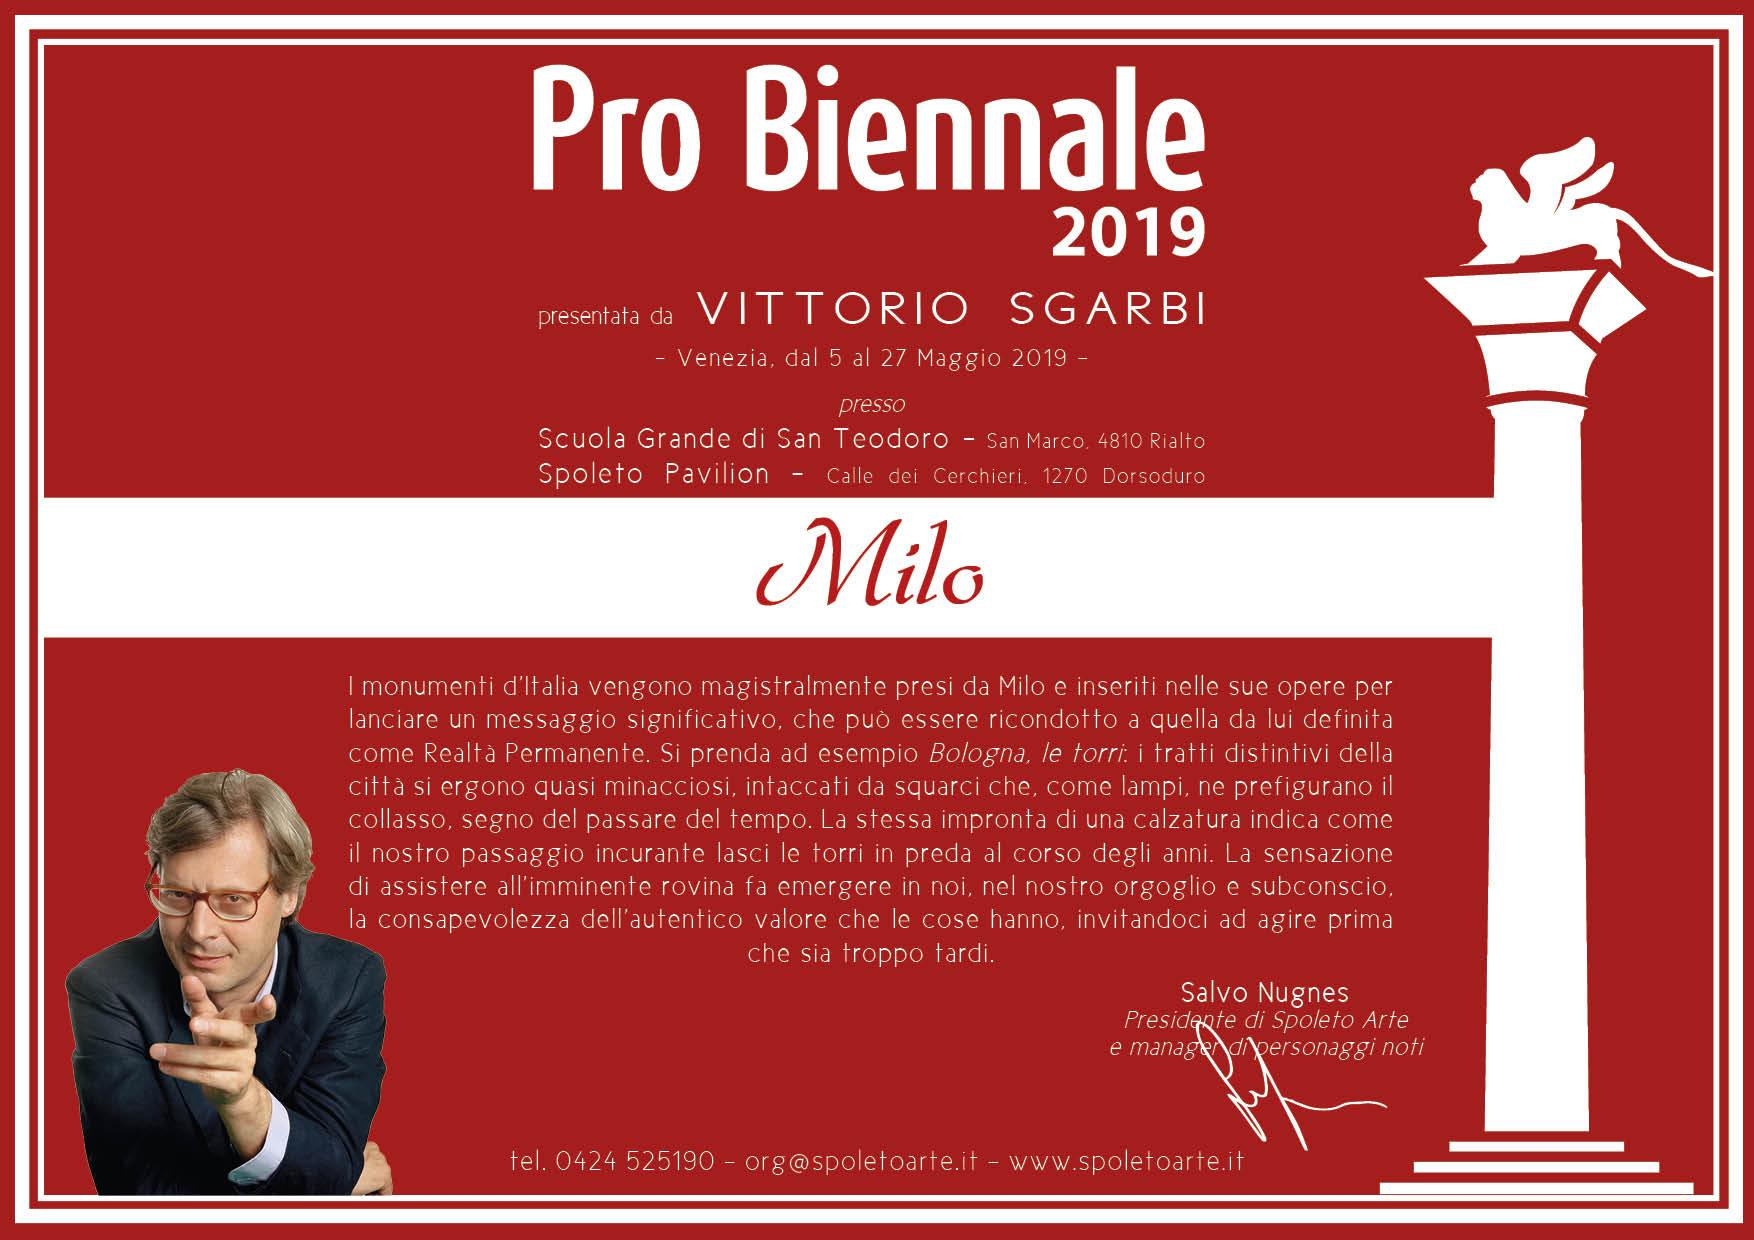 Milo Partecipa Alla Mostra Pro Biennale 2019